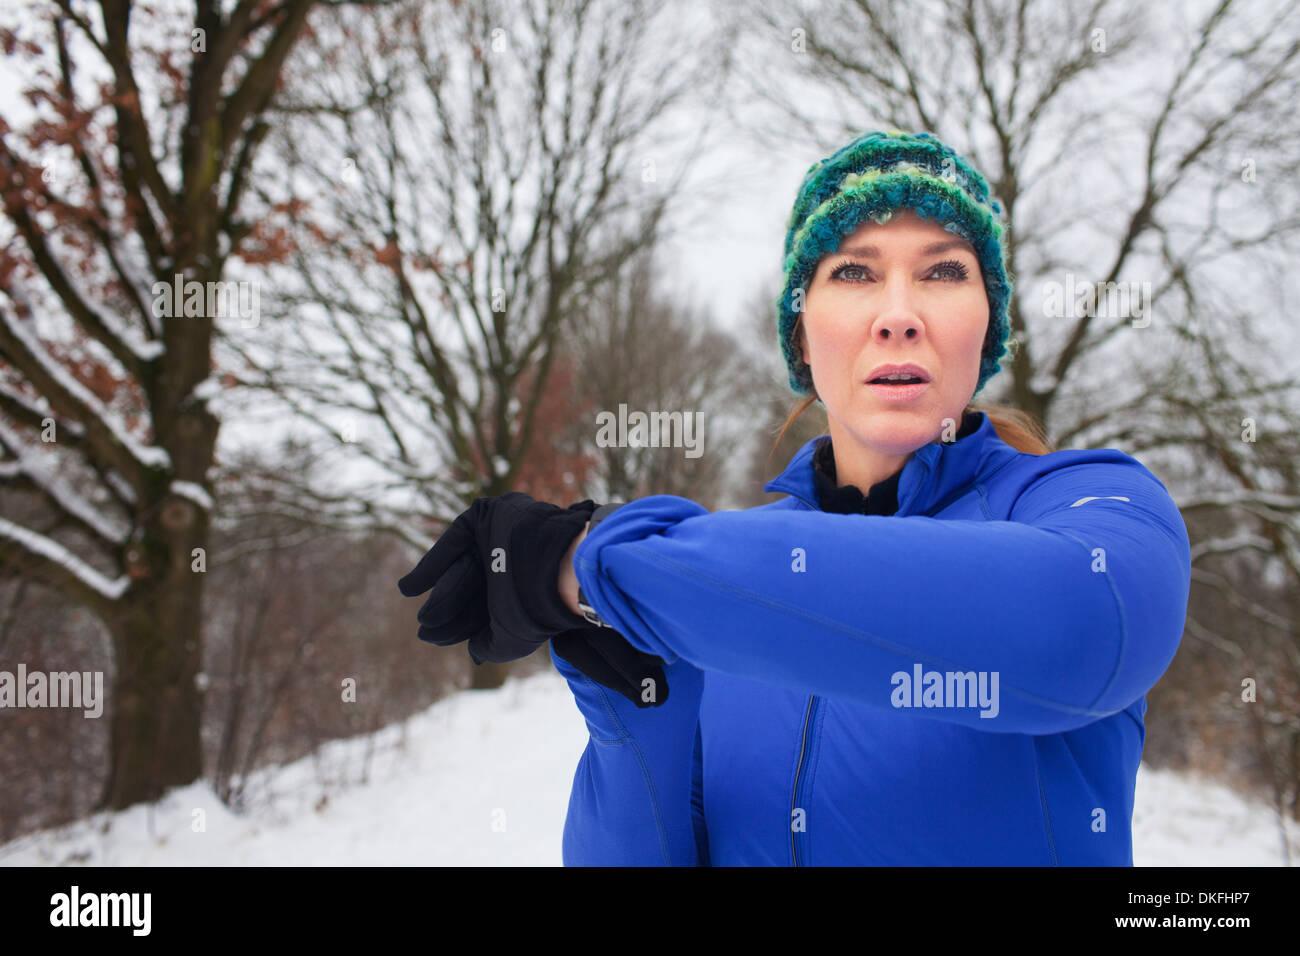 Weibchen, die sich für Erwärmung laufen im Schnee Stockfoto